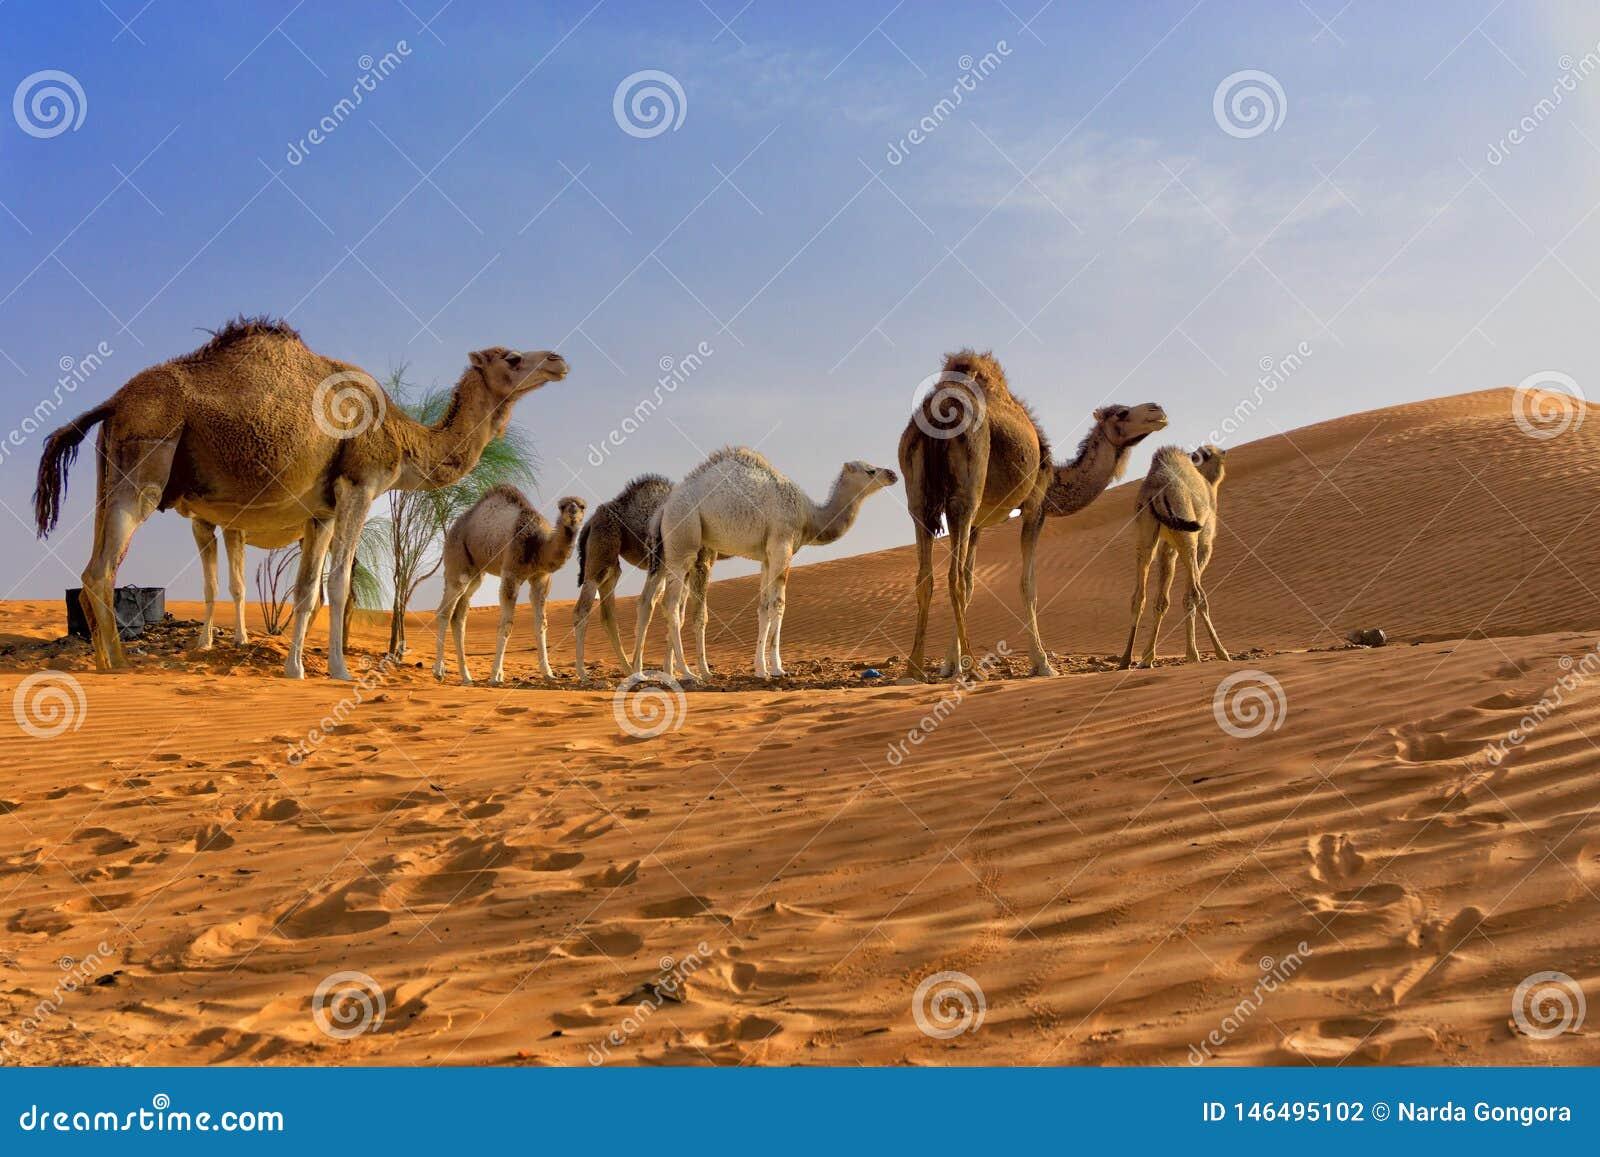 Sahara Desert mit Kamelen in Tunesien